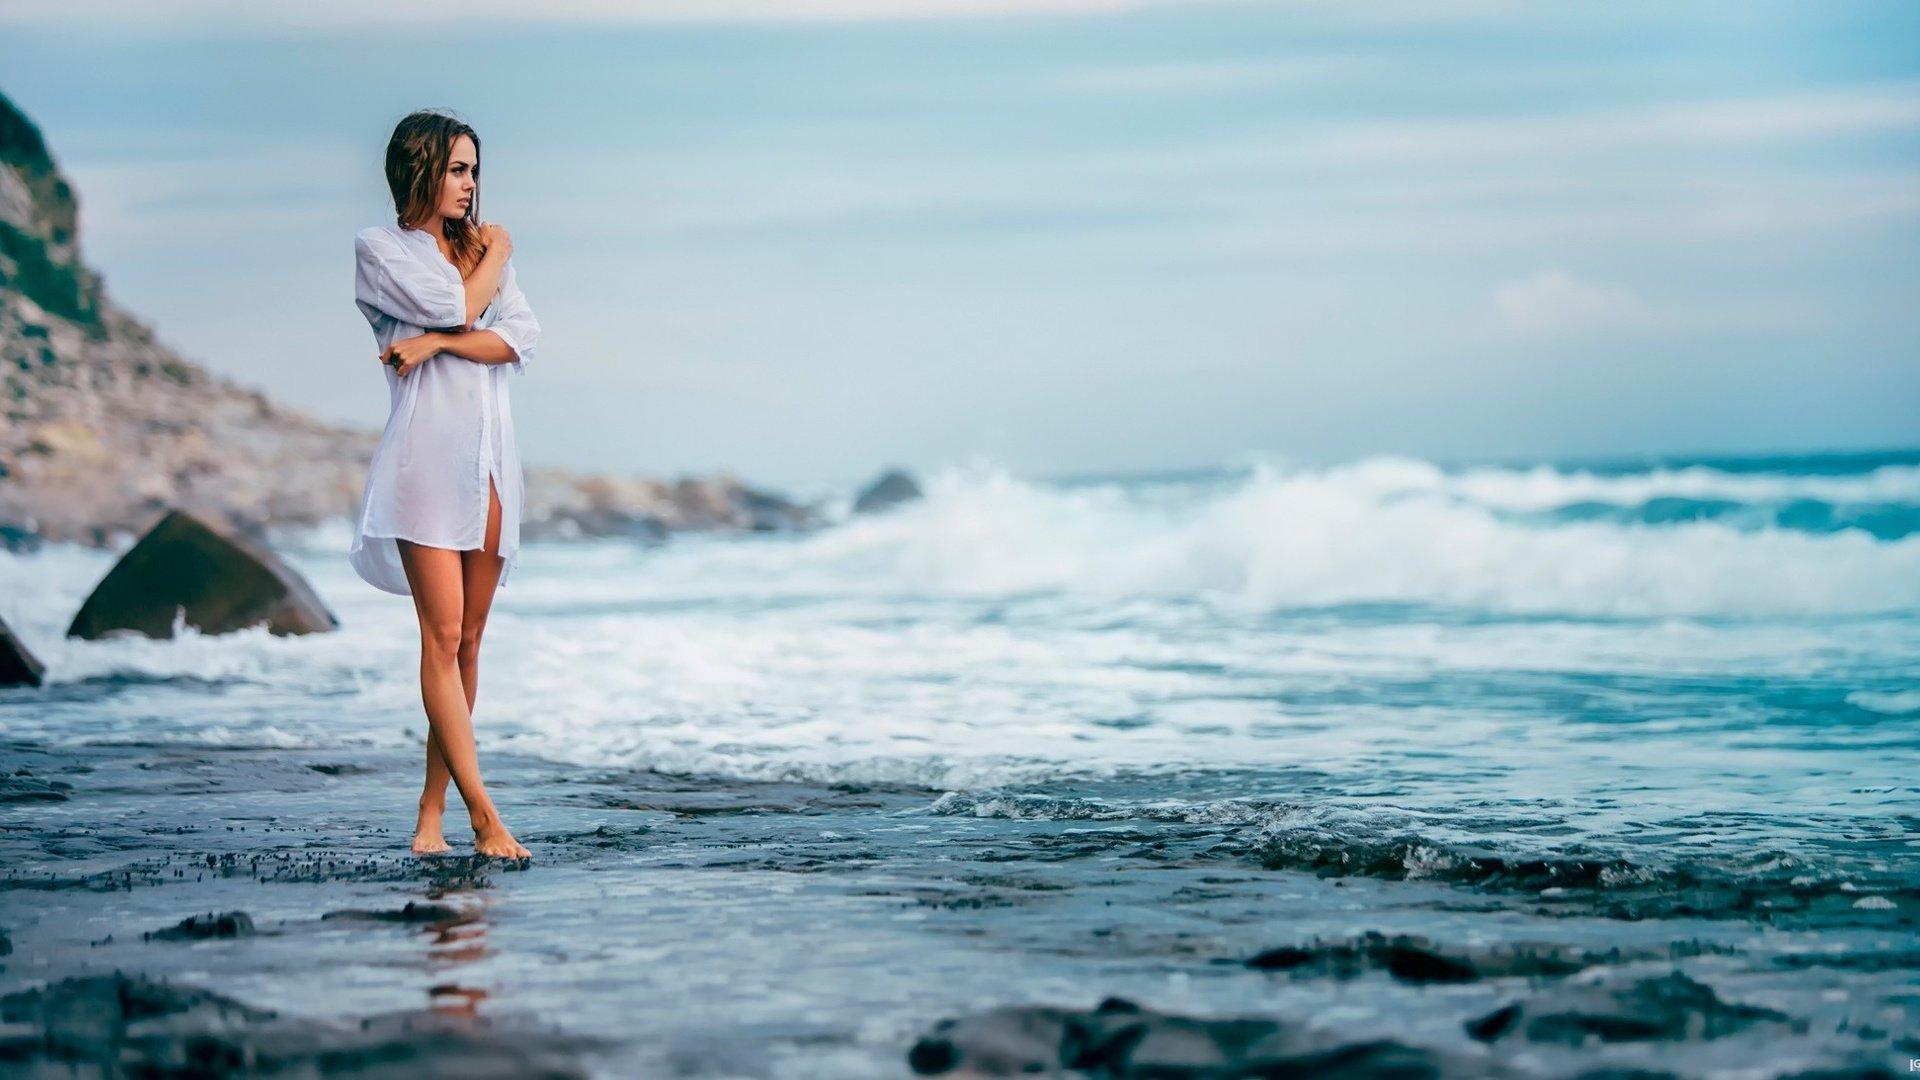 магические как фотографироваться возле моря страница сигналы жесты